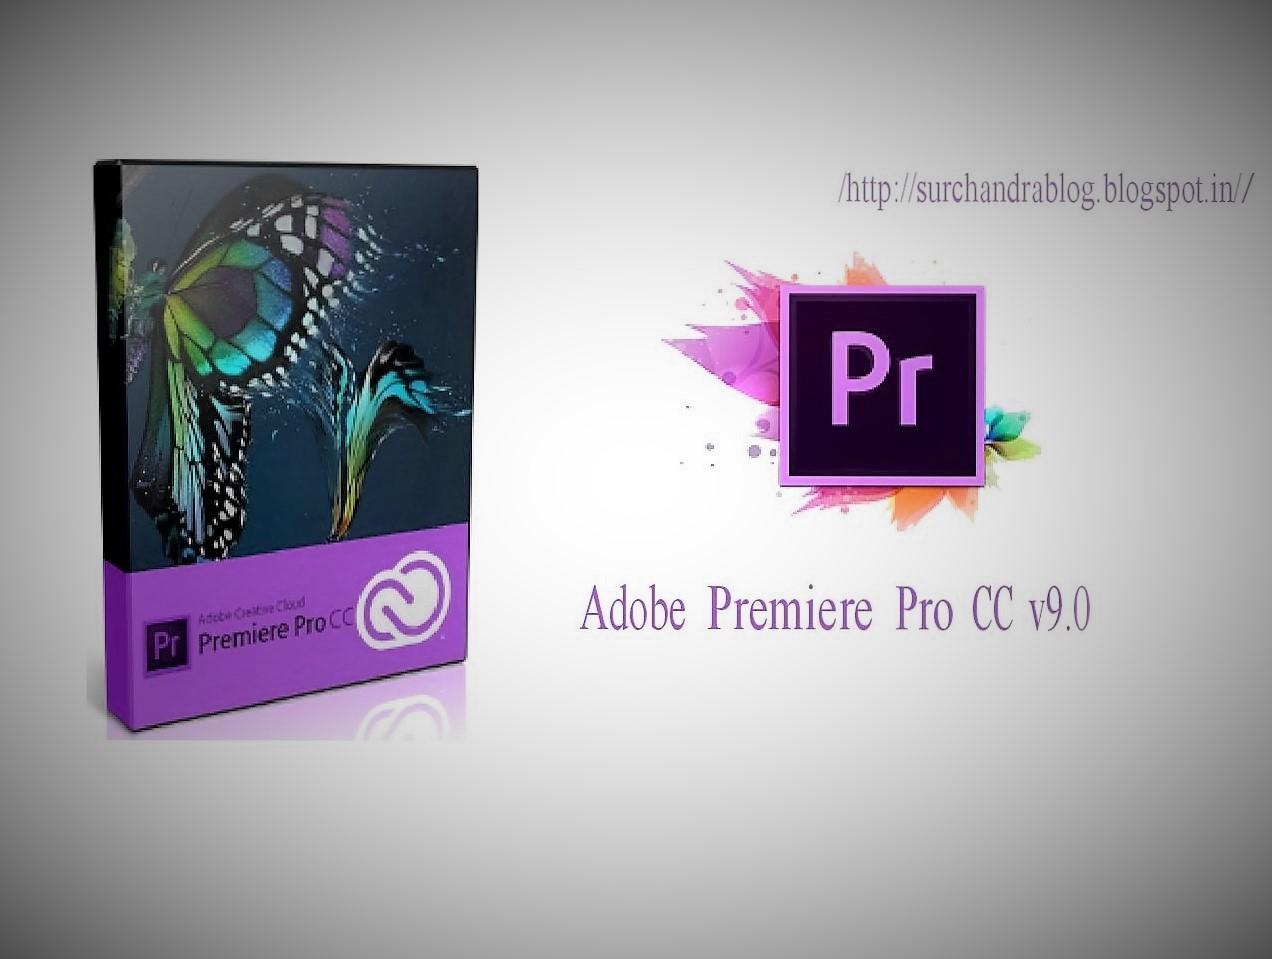 adobe premiere pro cc crack download